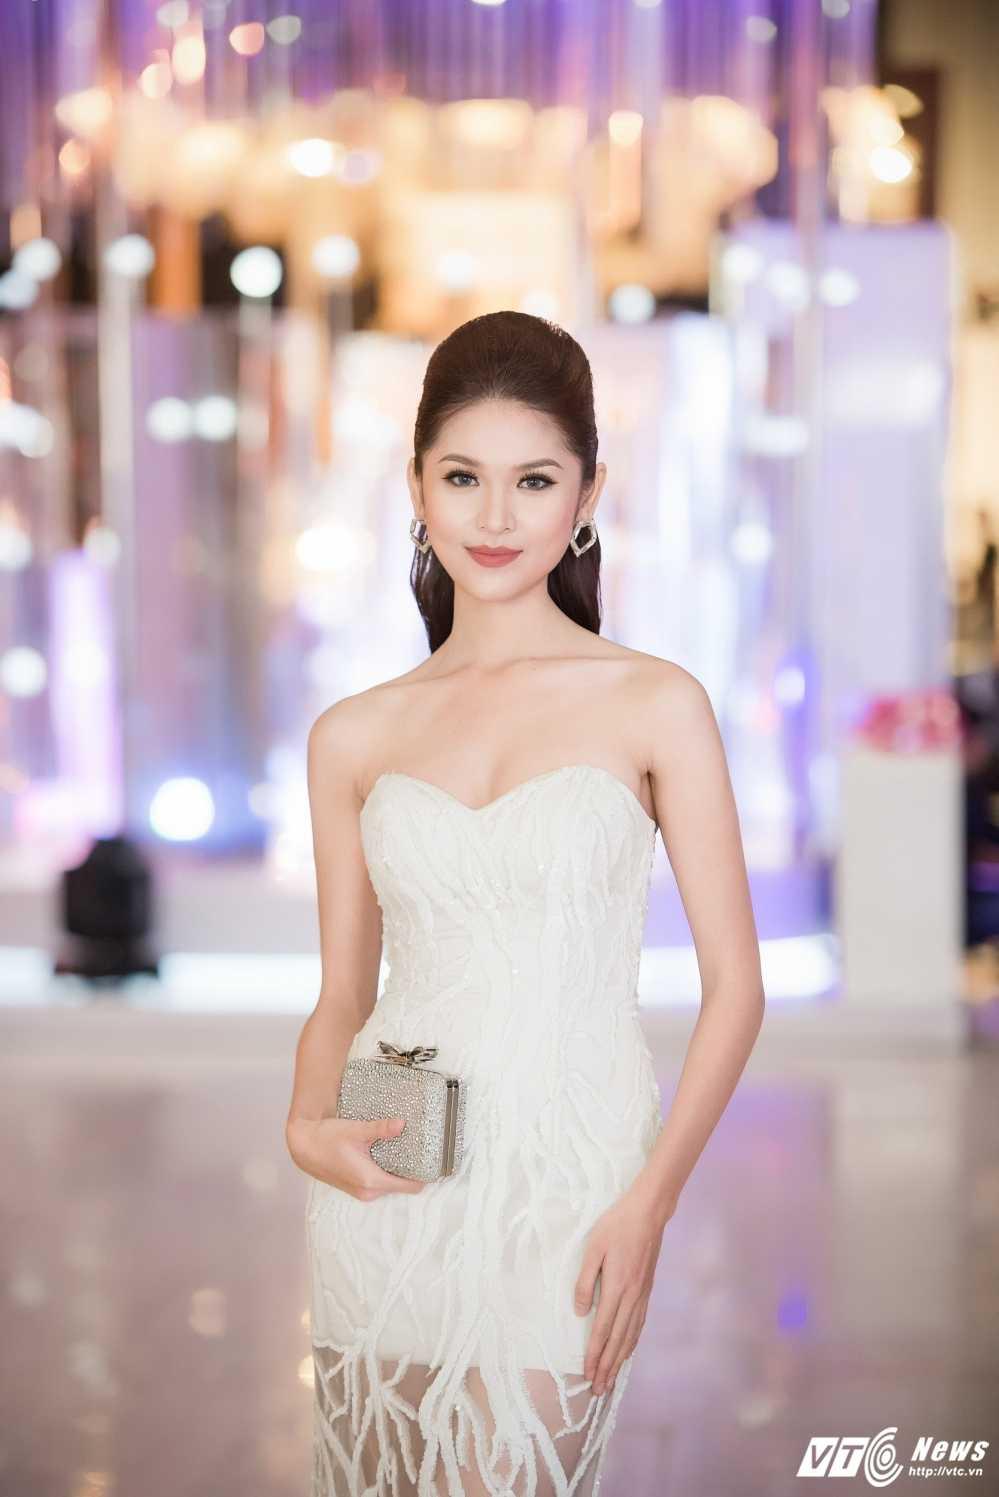 Hoa hau My Linh 'lot xac' ca tinh, A hau Thanh Tu mac goi cam tao bao hinh anh 10